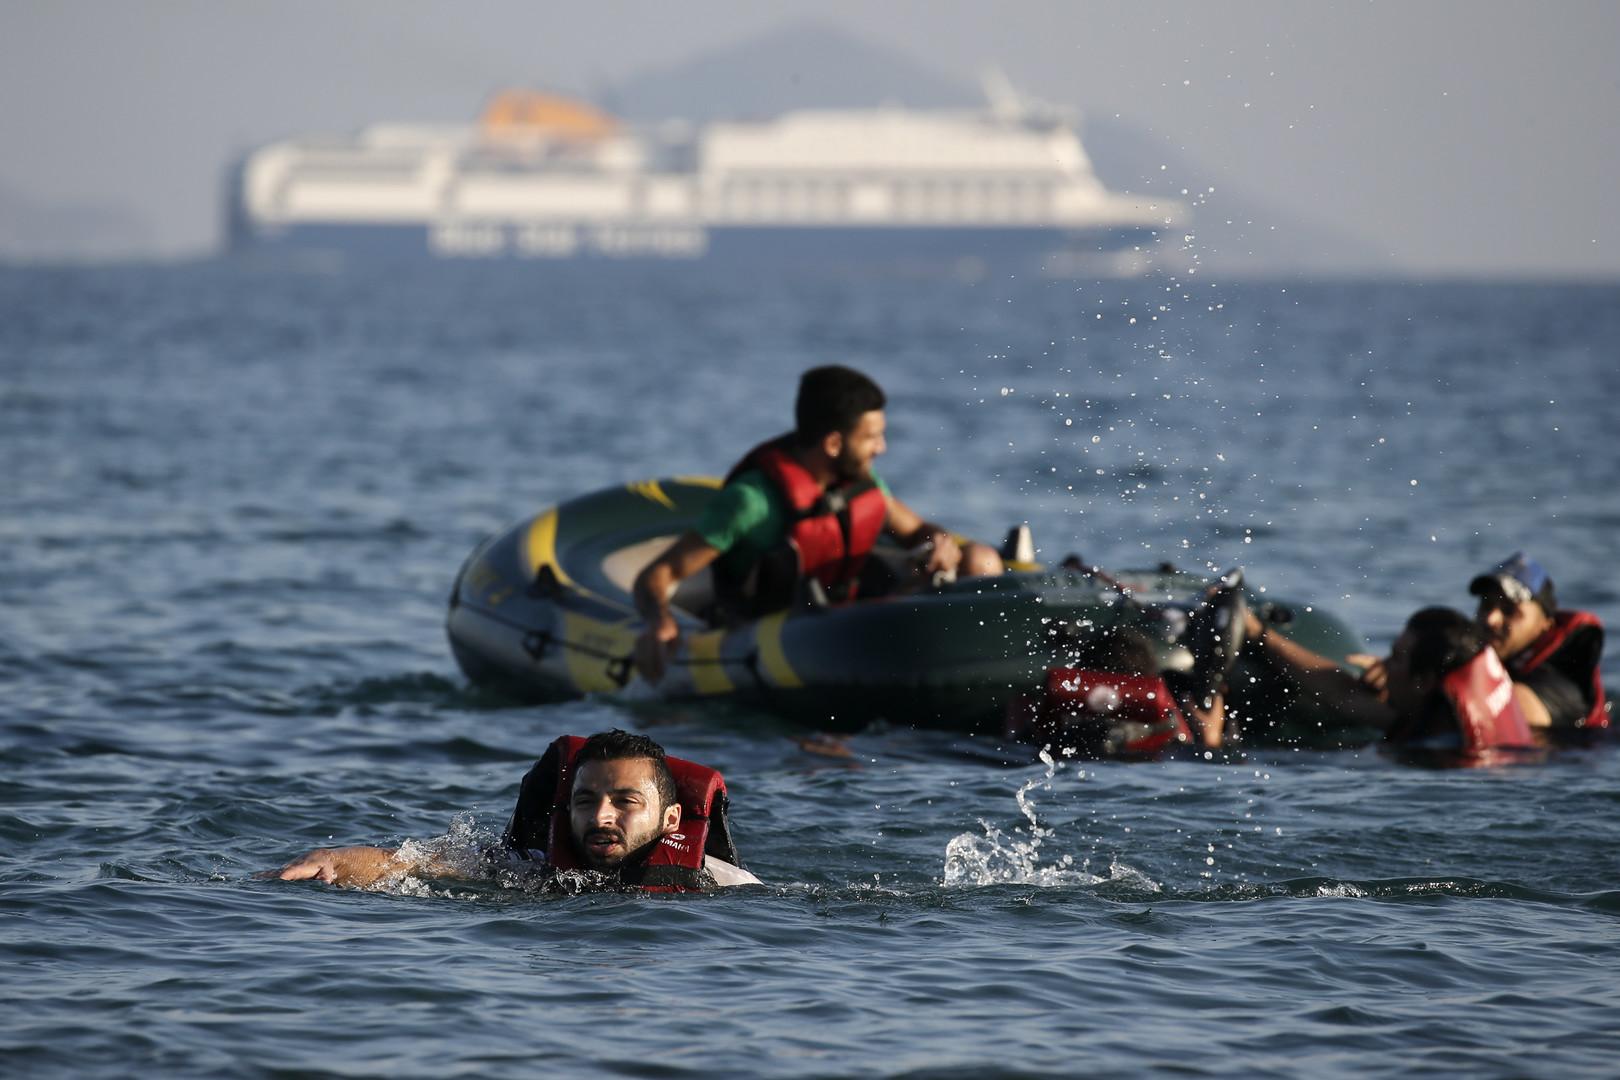 """صورة %26 من ضحايا الهجرة عبر البحر """"أطفال"""""""